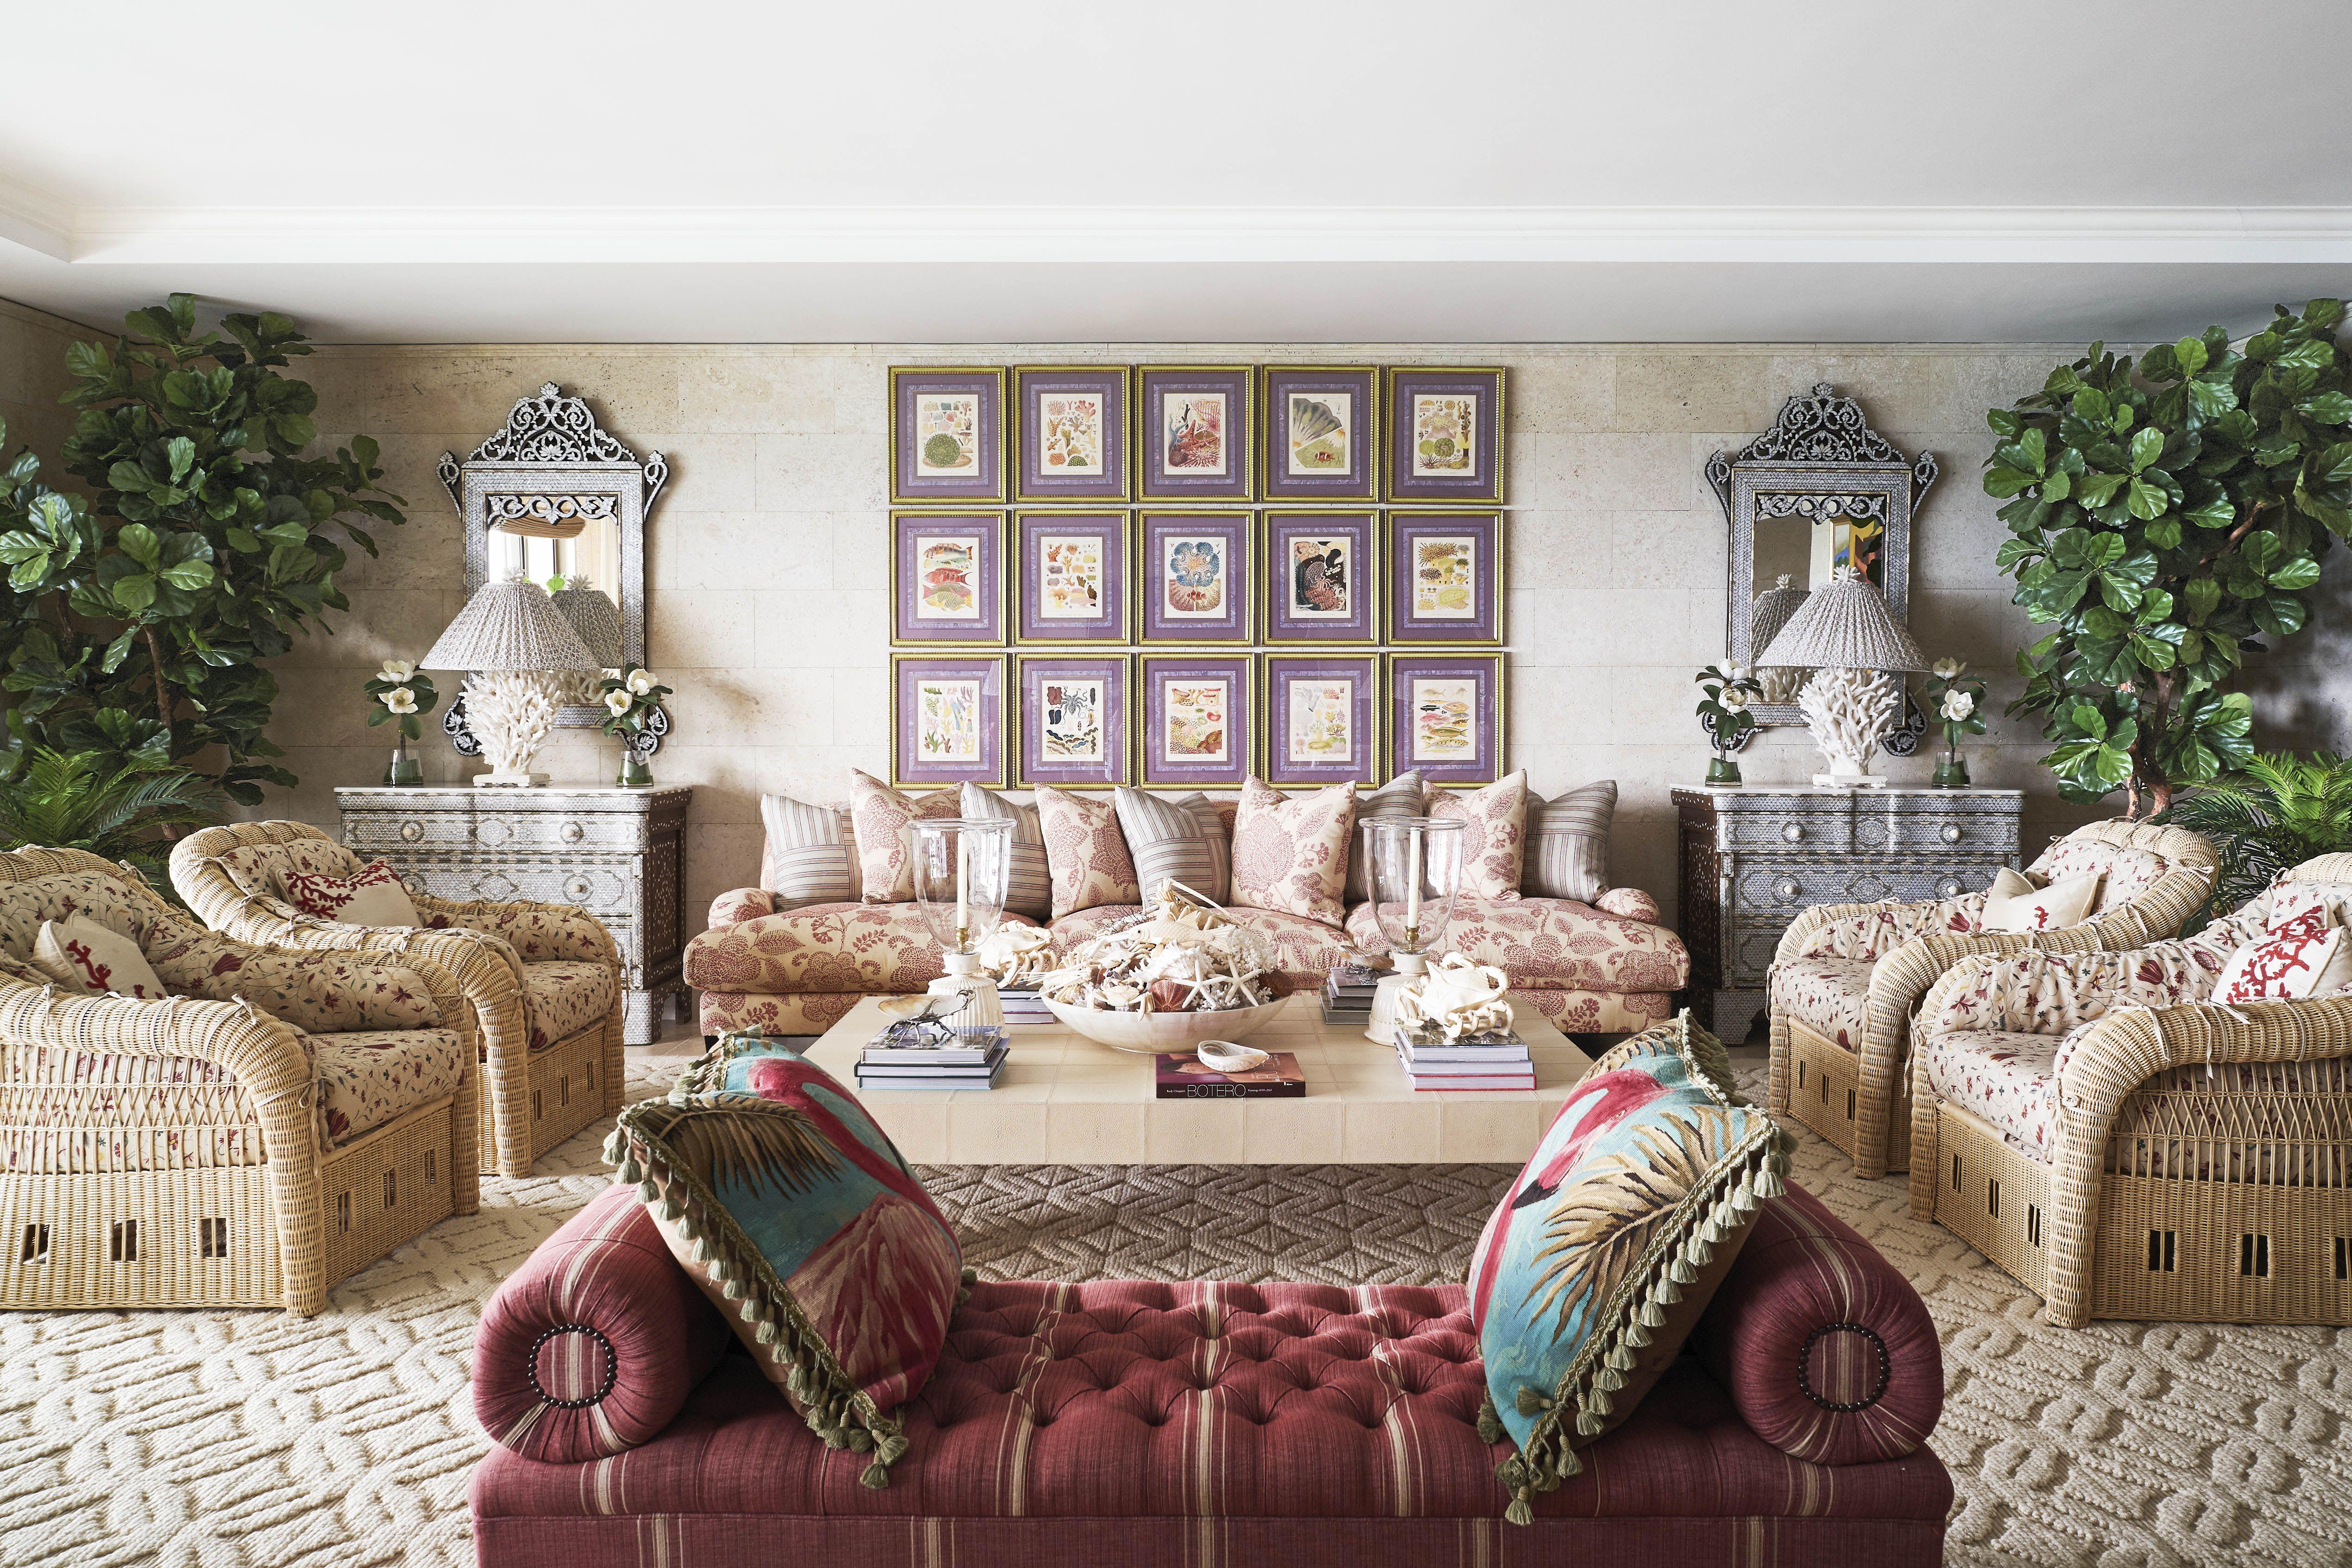 Veranda & 35 Best Living Room Ideas - Luxury Living Room Decor \u0026 Furniture Ideas